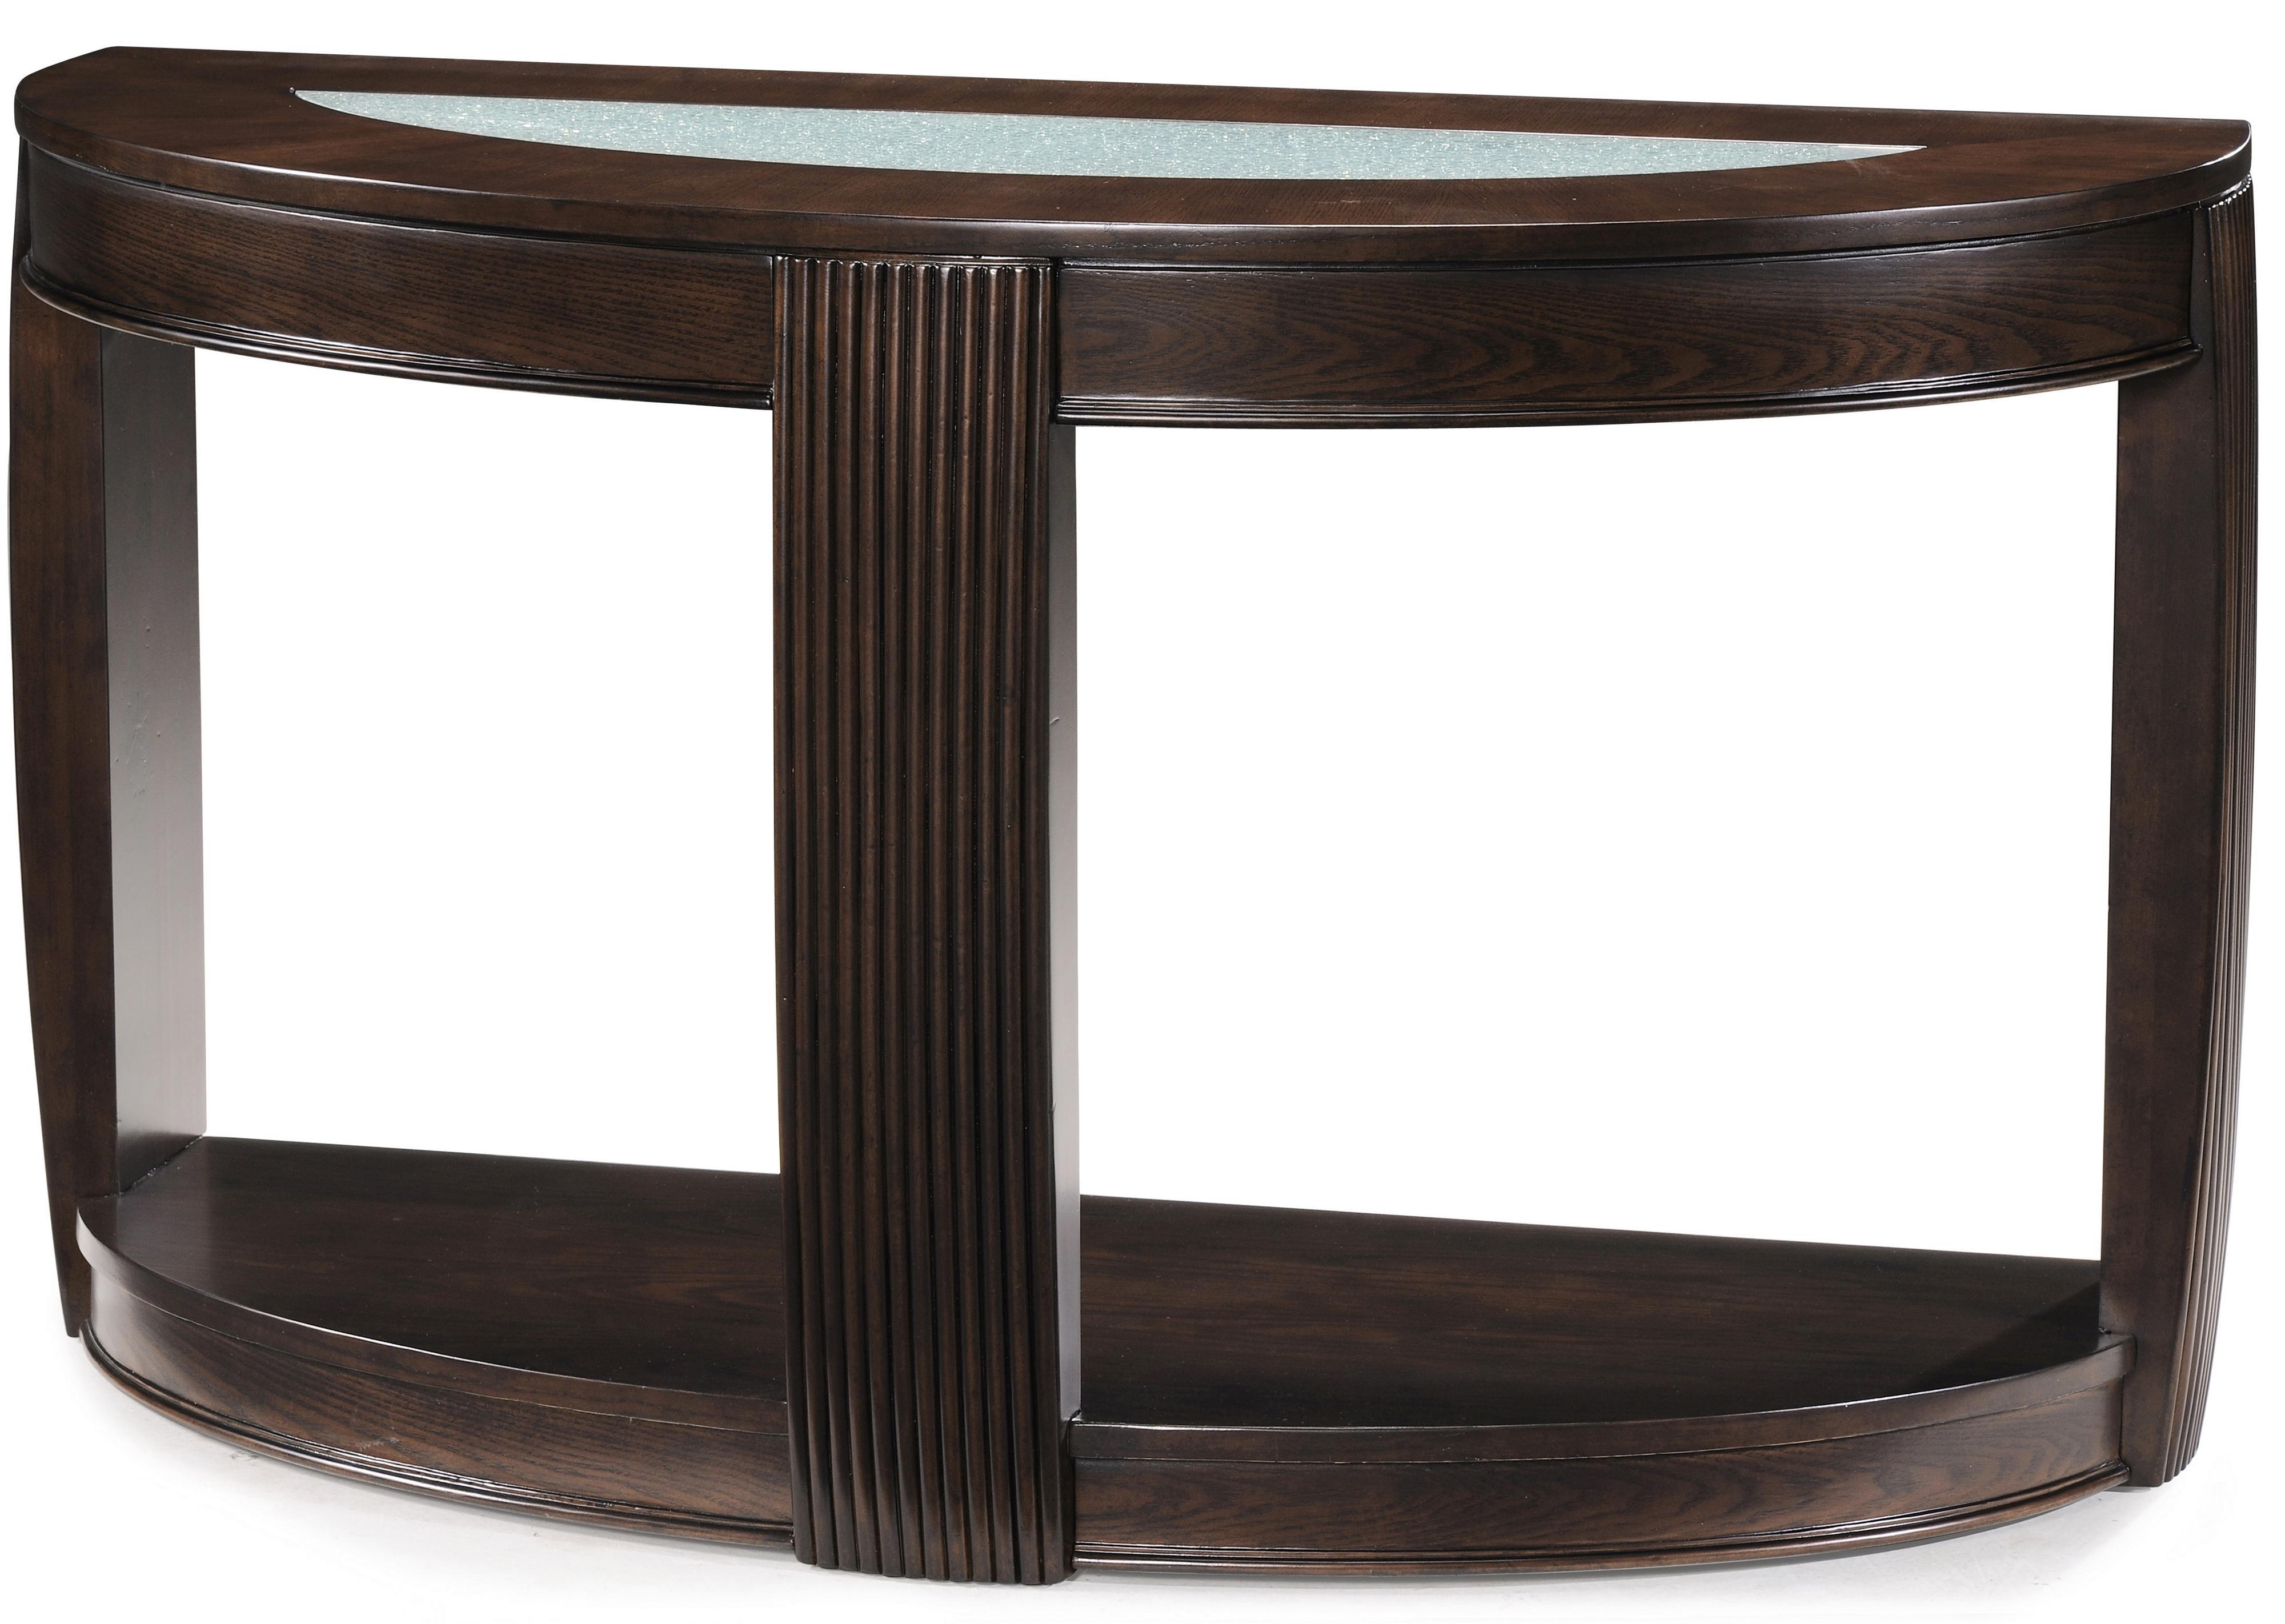 Magnussen Home Ino Demilune Sofa Table - Item Number: T1738-75